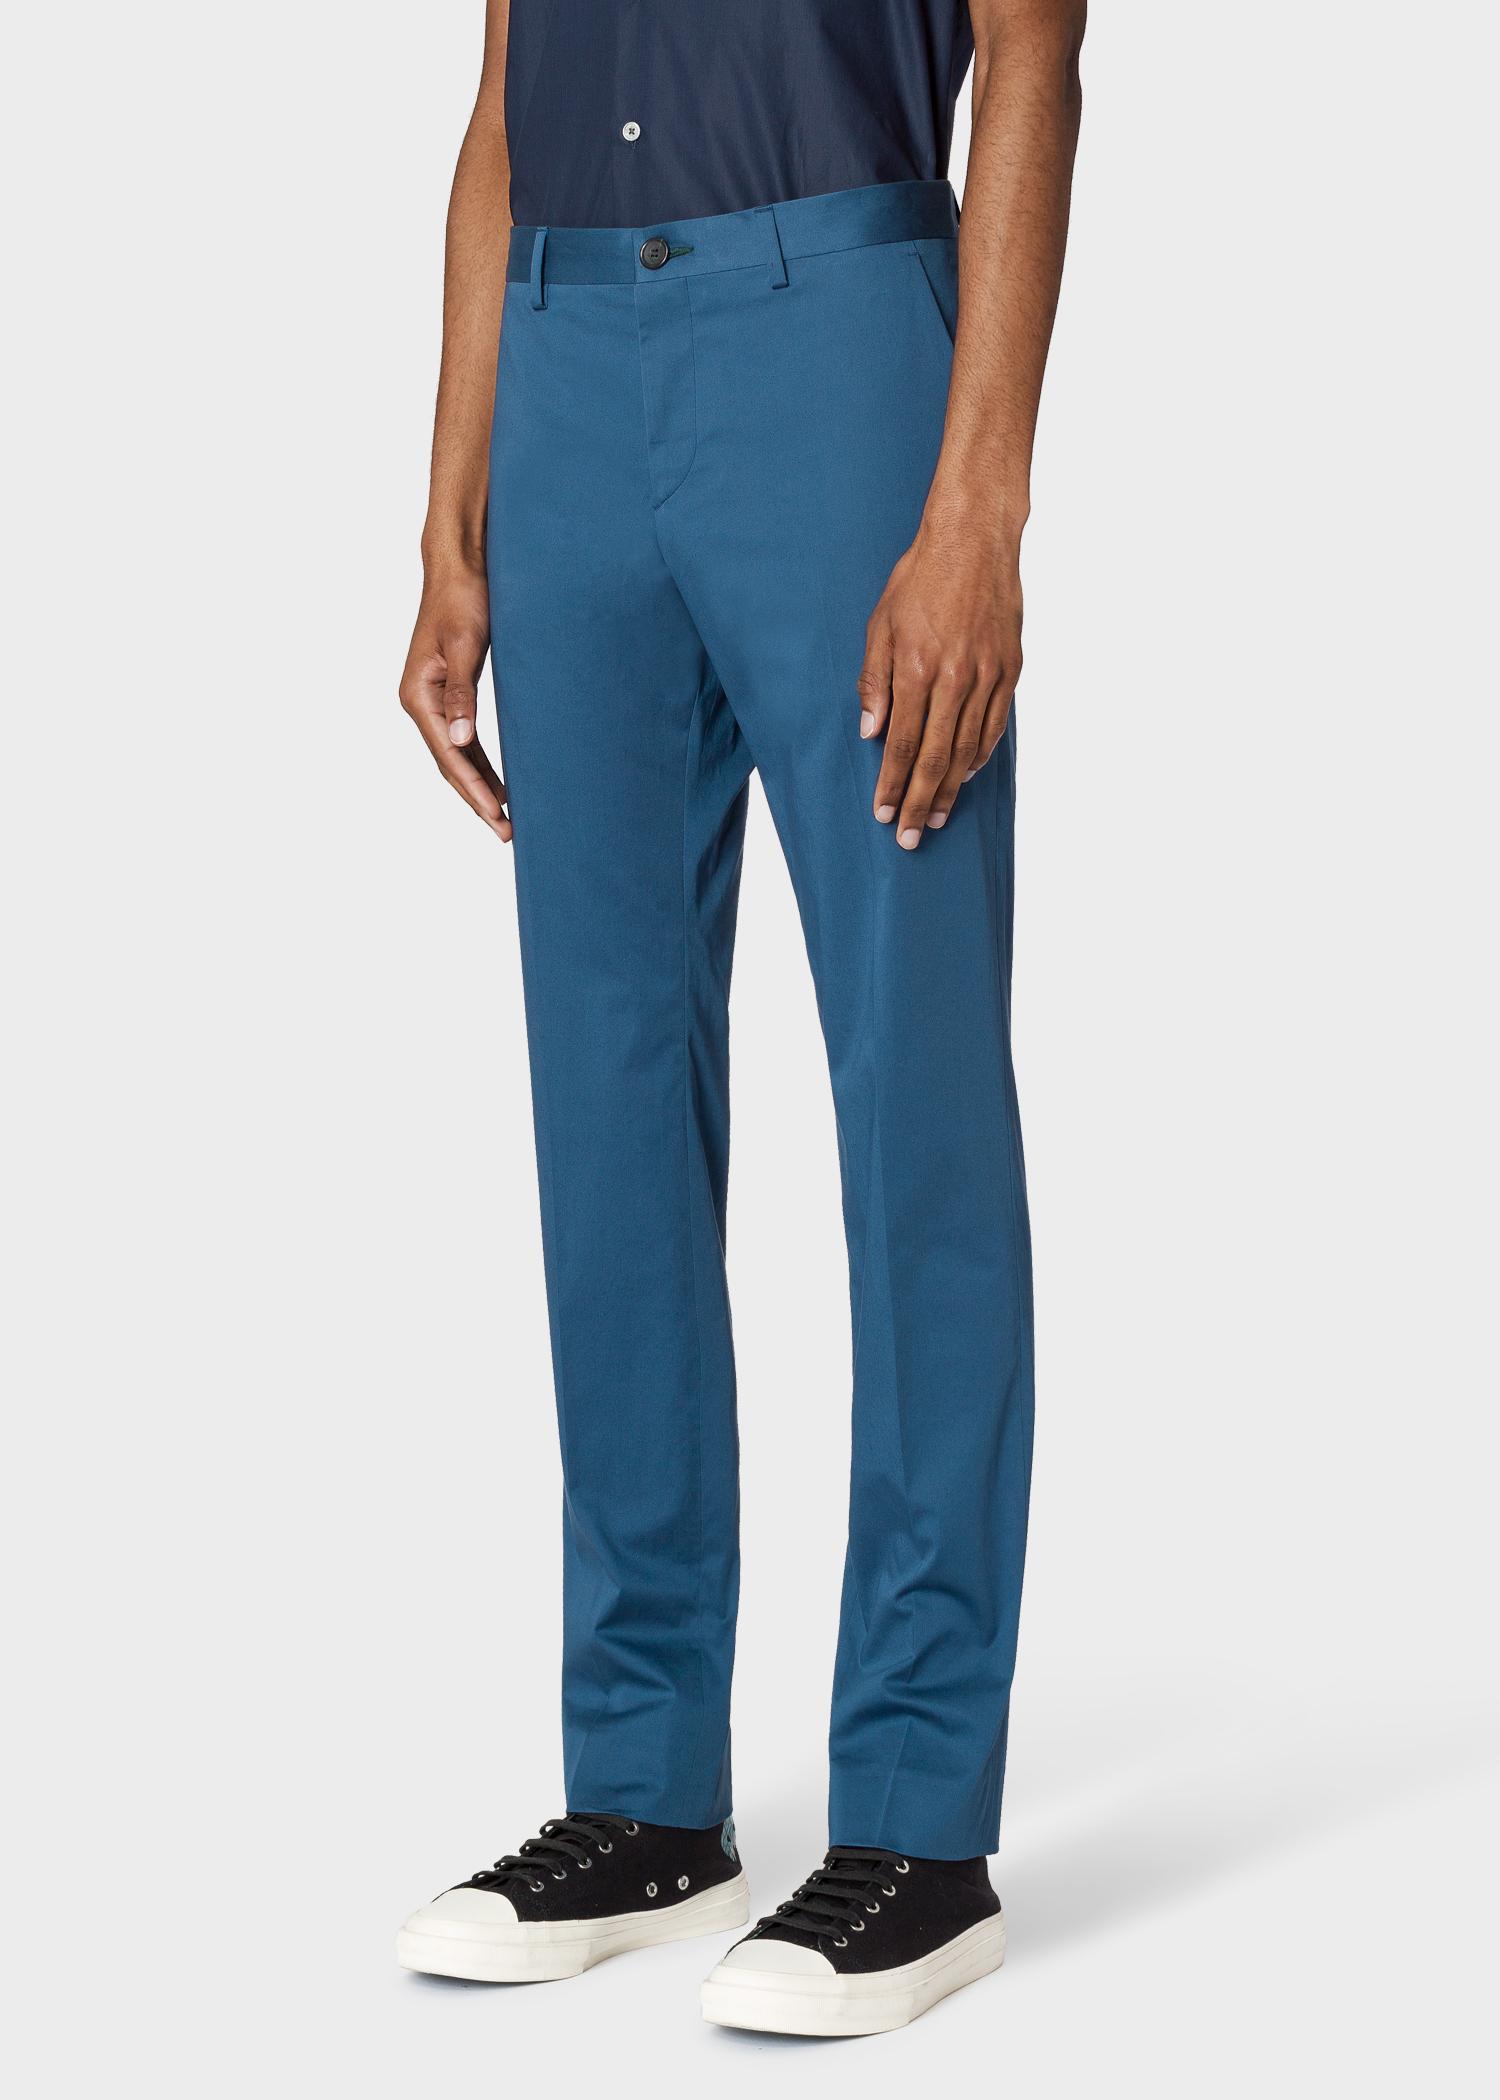 5c09c2b840d34 Vue mannequin face zoom - Pantalon Homme Bleu Cobalt En Coton Stretch Coupe  Slim Paul Smith